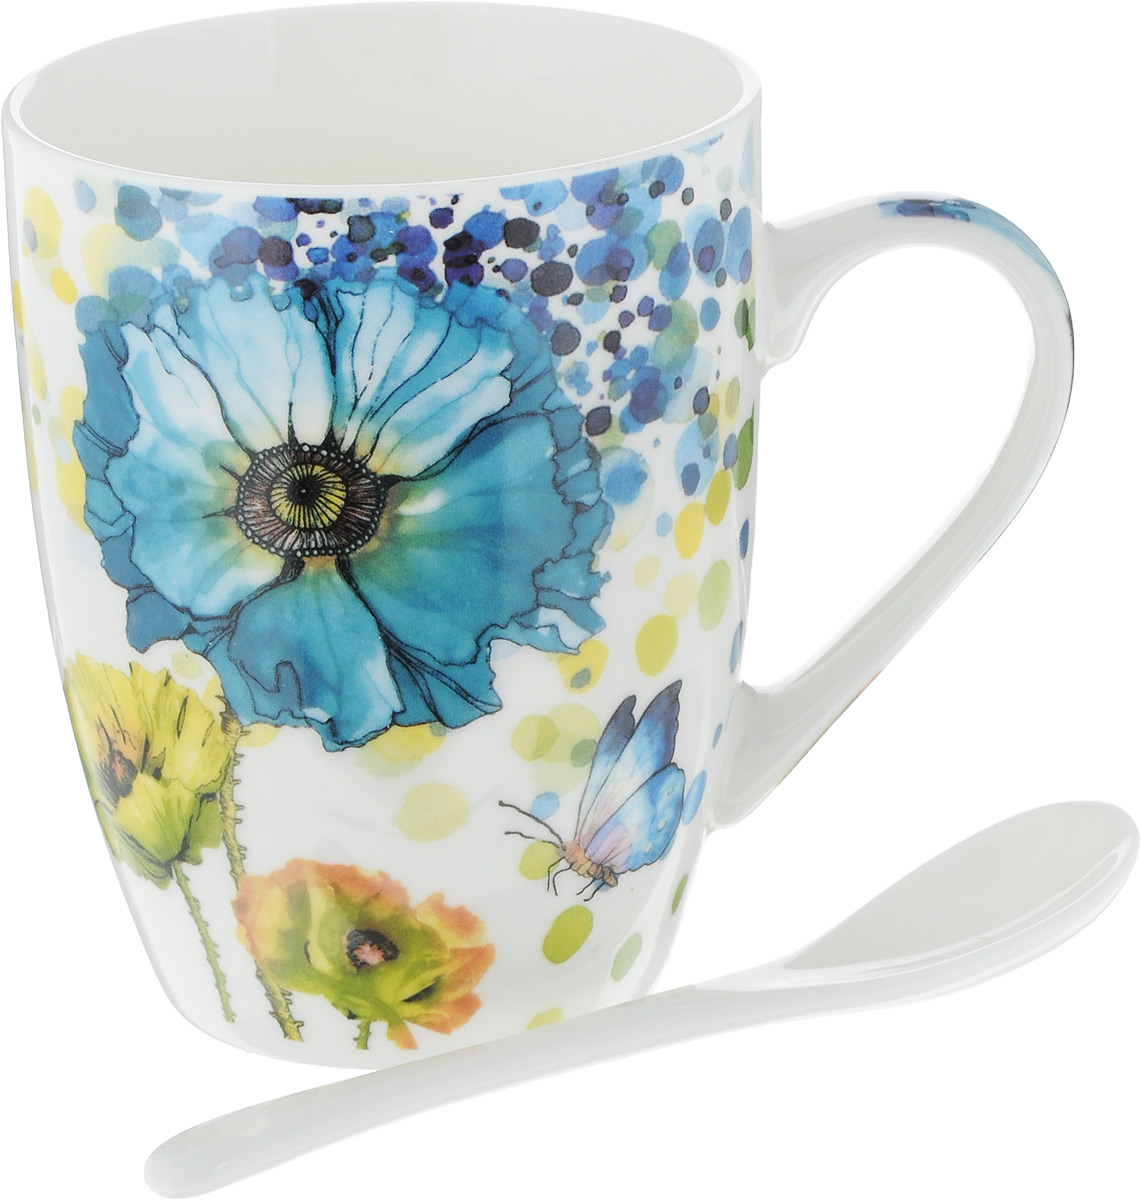 Кружка Доляна Акварель, с ложкой, цвет: голубой, 300 мл836384Кружка Доляна Акварель изготовлена из высококачественной керамики. Изделие оформлено красочным рисунком и покрыто превосходной сверкающей глазурью. Изысканная кружка прекрасно оформит стол к чаепитию и станет его неизменным атрибутом.В комплект входит чайная ложка.Диаметр кружки (по верхнему краю): 8,2 см.Высота кружки: 10,5 см.Длина ложки: 10 см.Размер рабочей части ложки: 4 х 2,5 см.